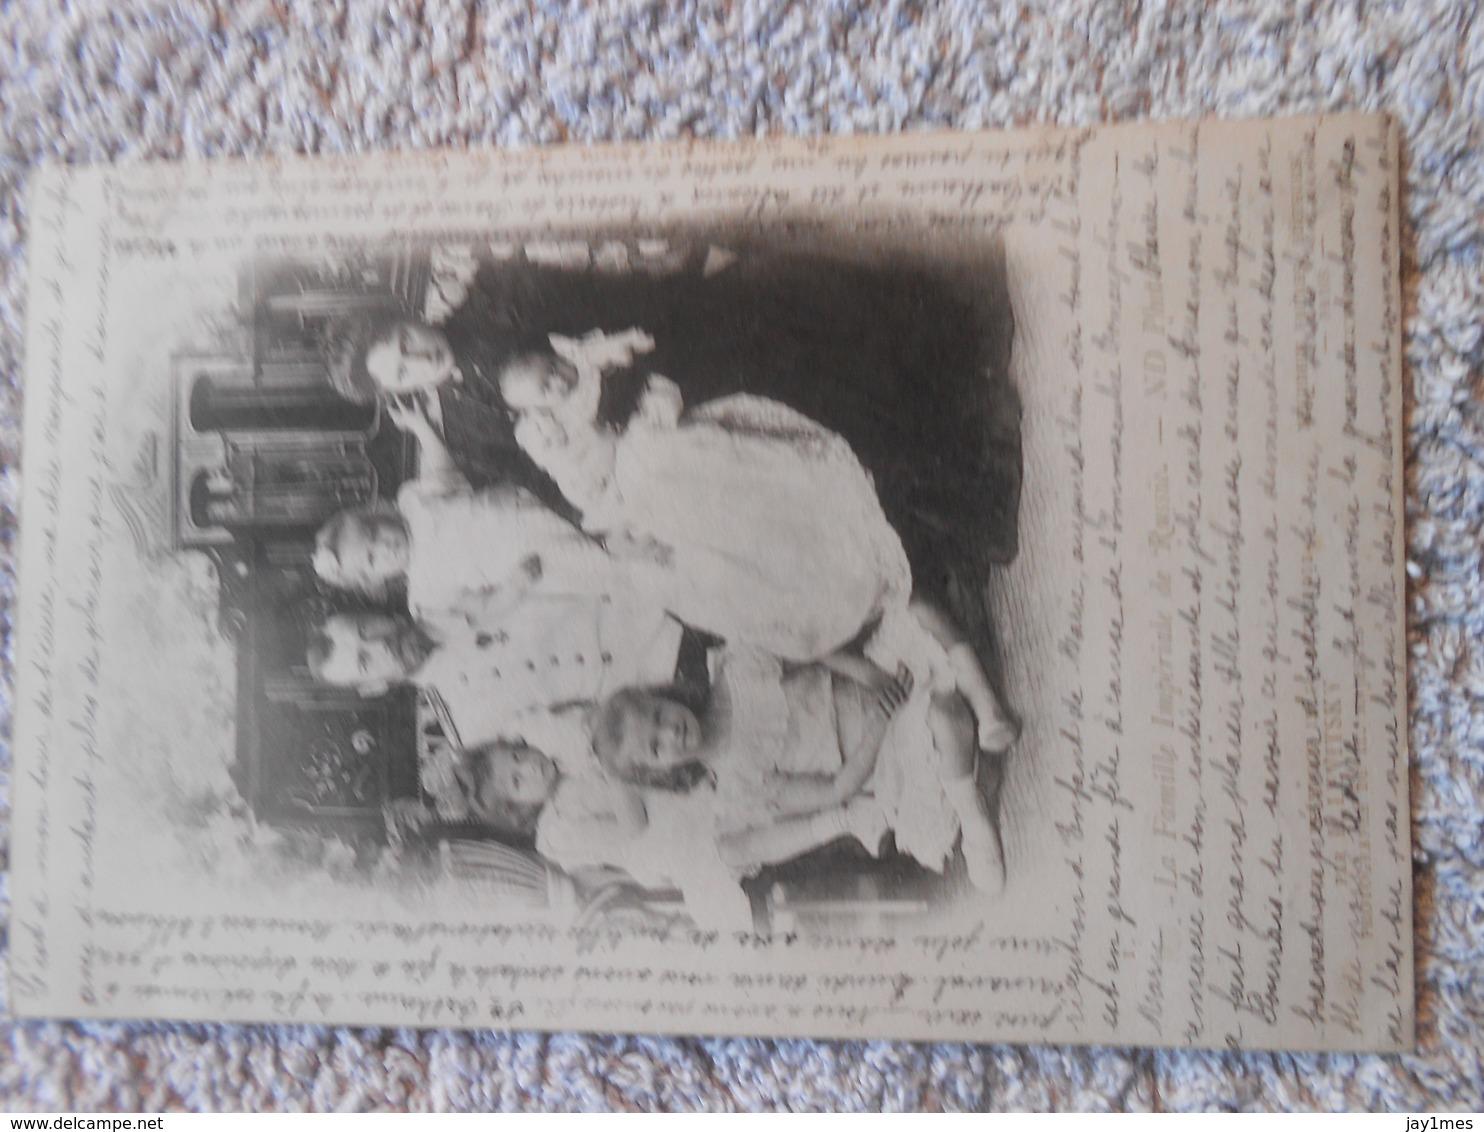 3 Cpa NICOLAS II TSAR DE RUSSIE EMPEREUR DE RUSSIE RUSSIA EMPEROR OF RUSSIA TZAR 1900 ROMANOV - Koninklijke Families